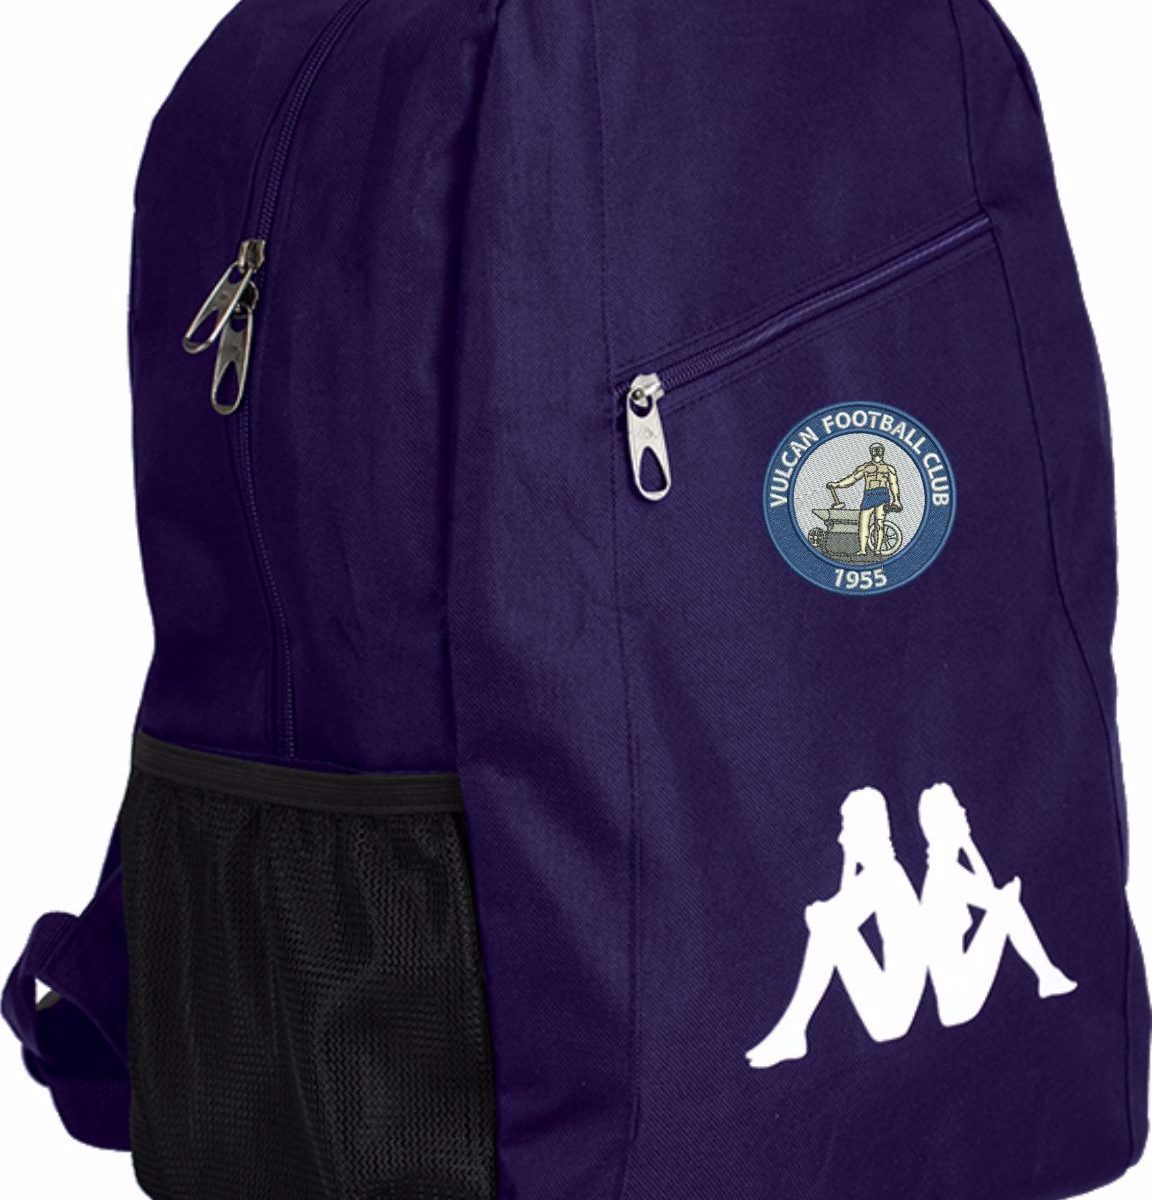 VULCAN FC Velia Backpack 3041620 906